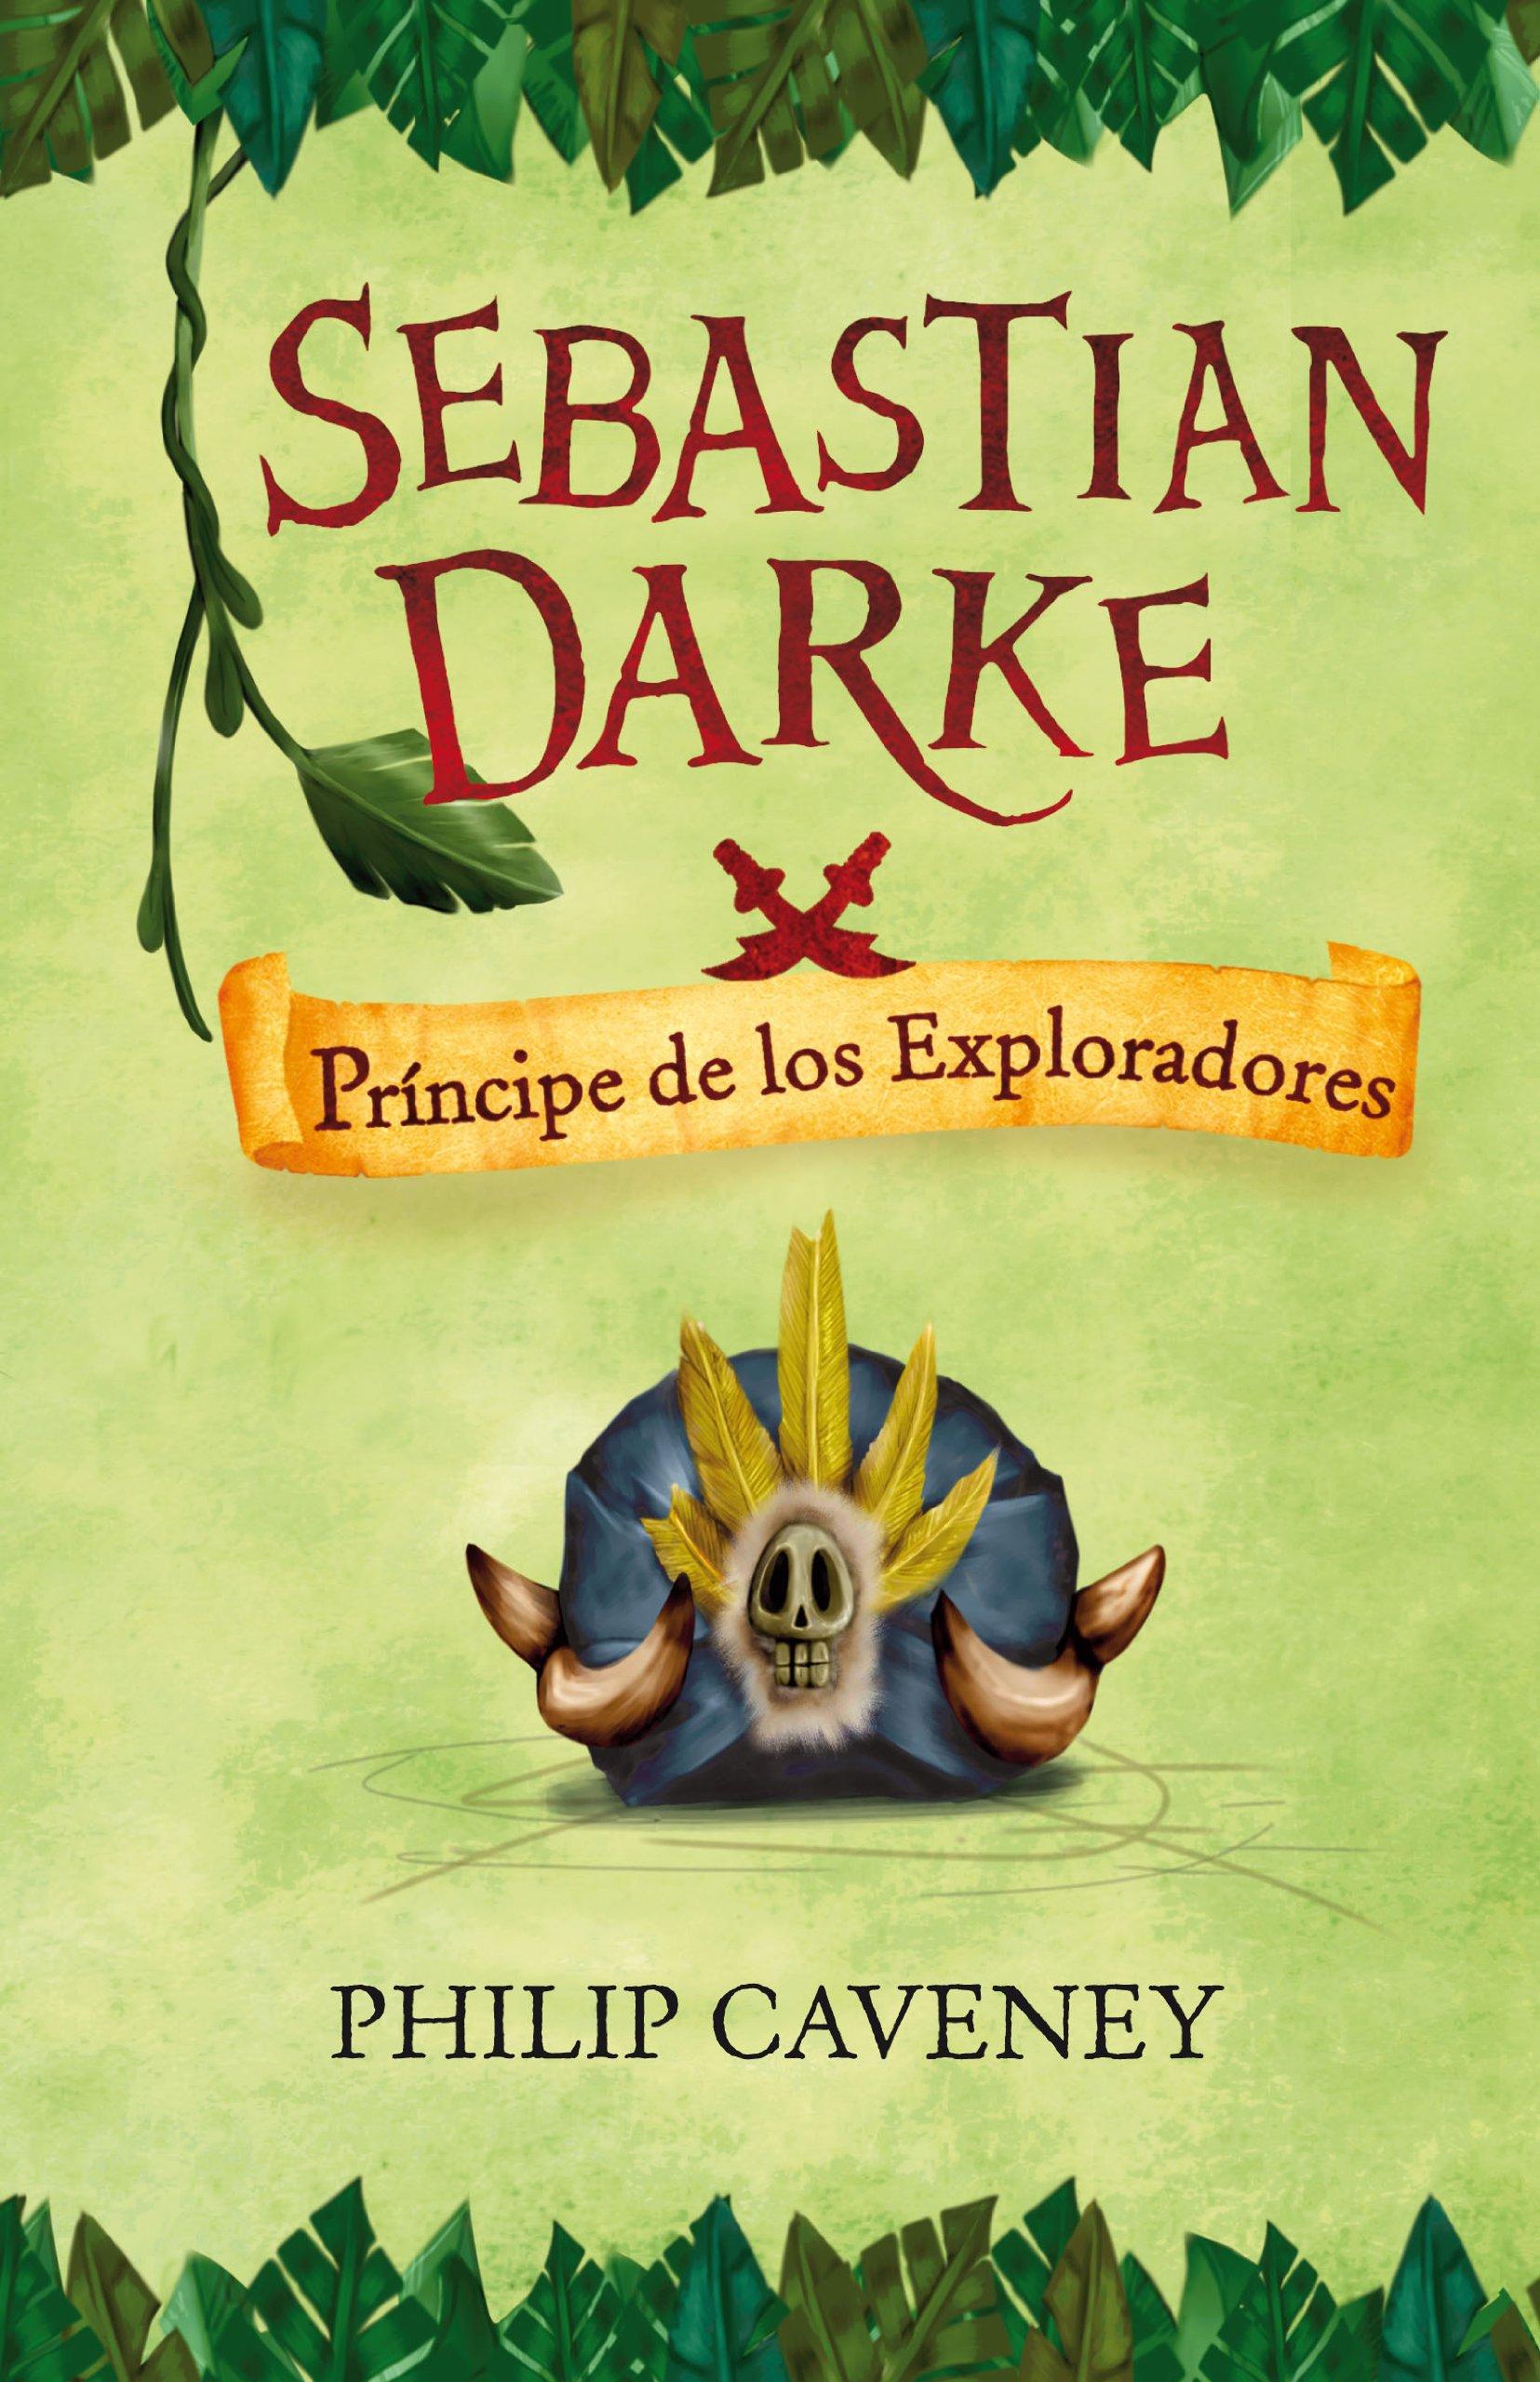 Sebastian Darke 3. Príncipe de los Exploradores Alfaguara Juvenil: Amazon.es: Philip Caveney, Mercedes Núñez Salazar: Libros